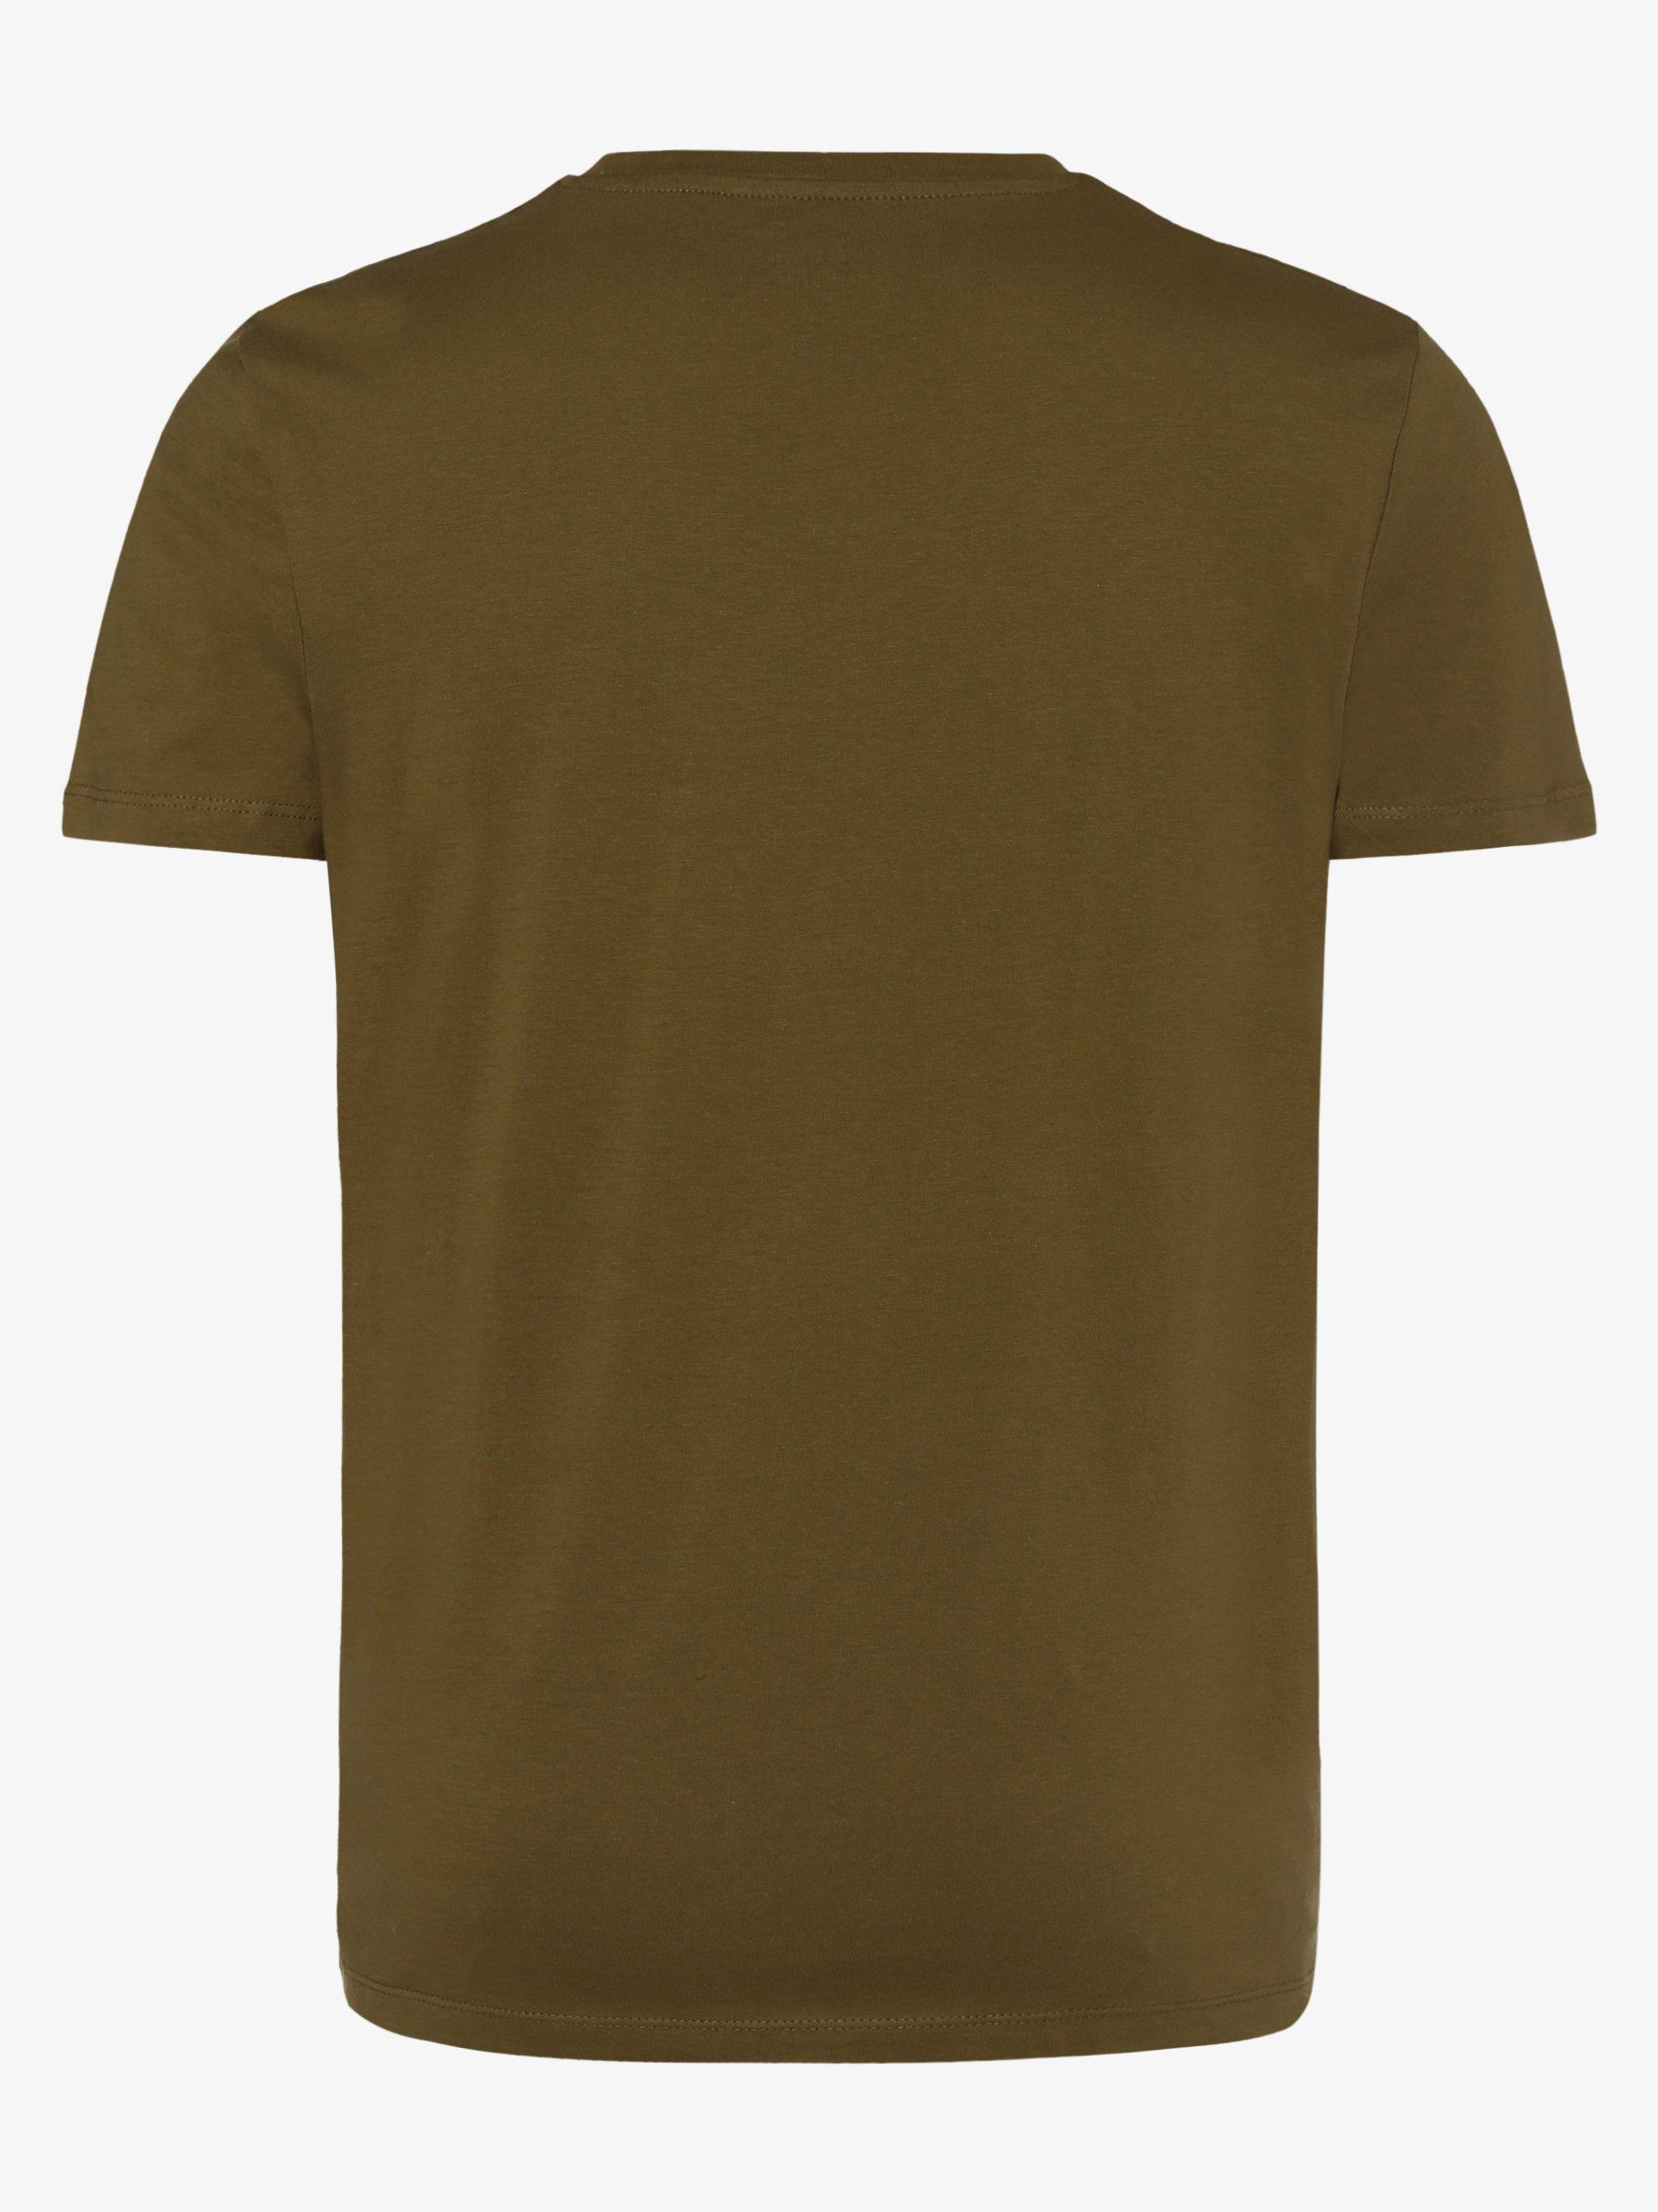 Tom Tailor Denim Herren T-Shirt